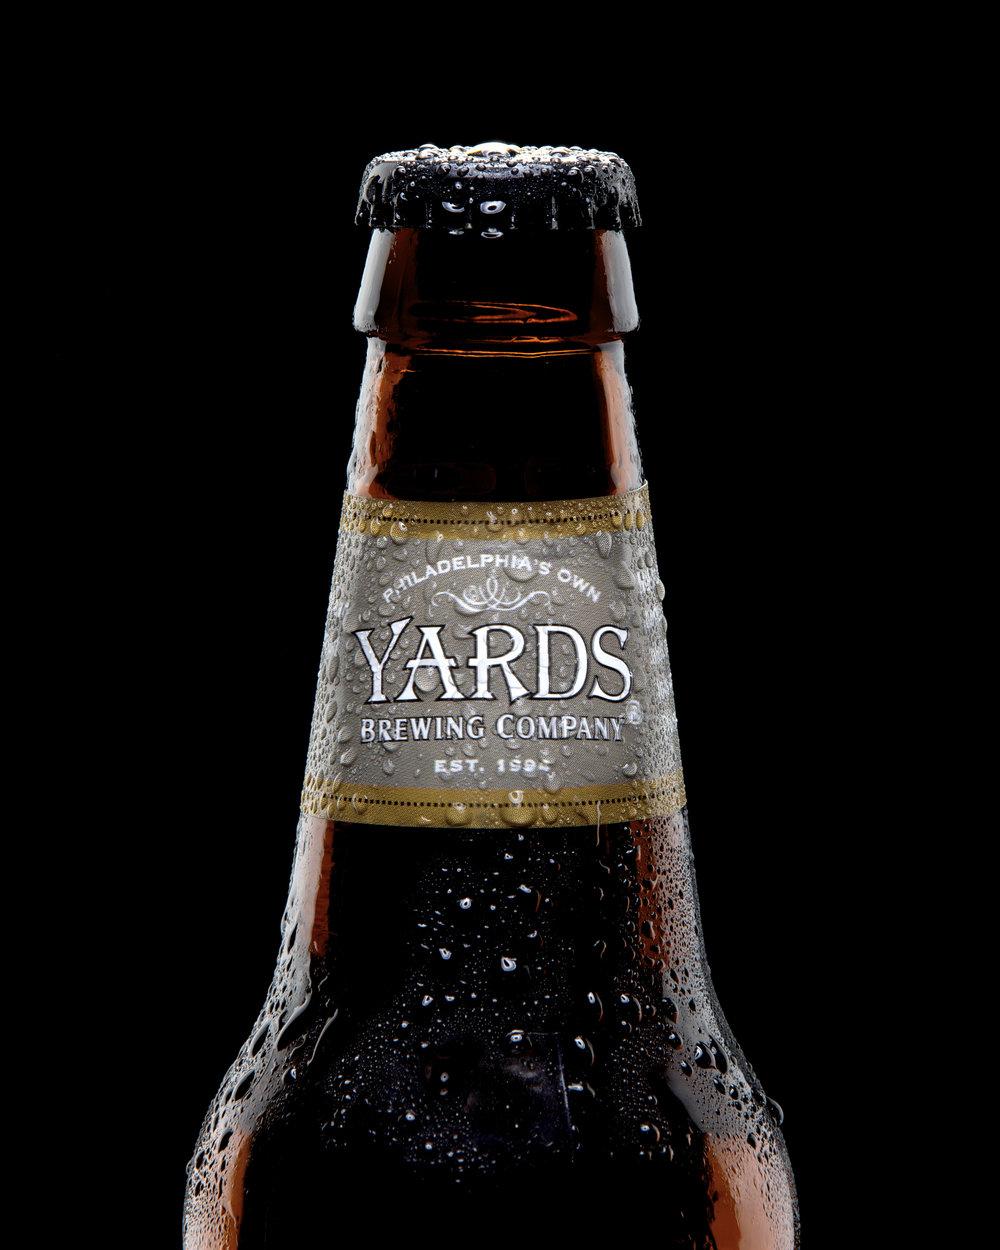 yards bottle.jpg